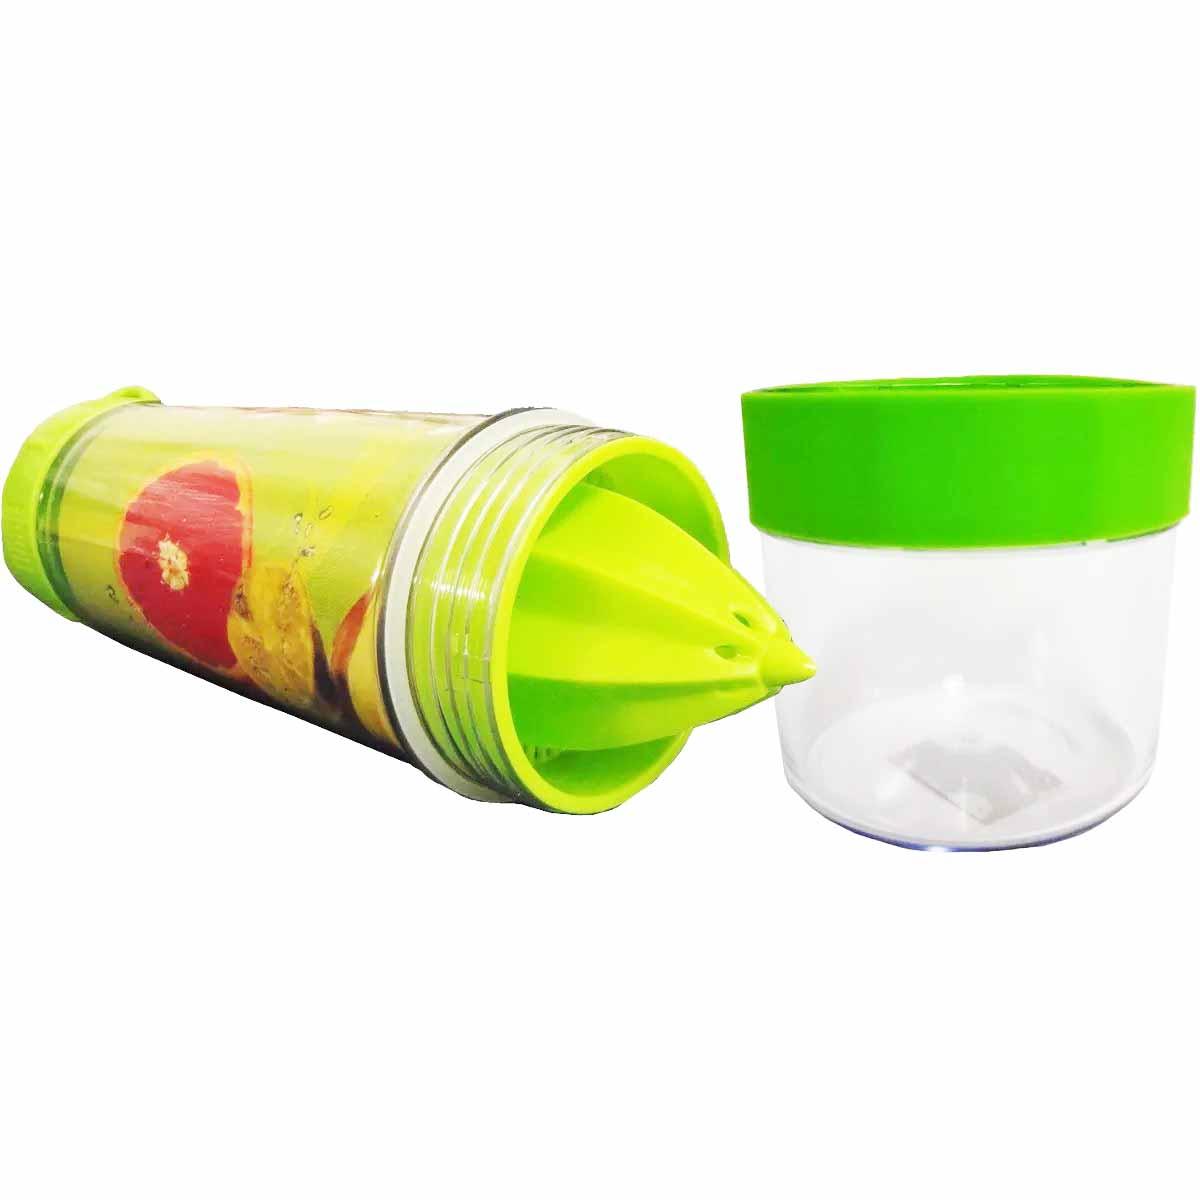 Garrafa Squeeze Plástica com Mini Espremedor